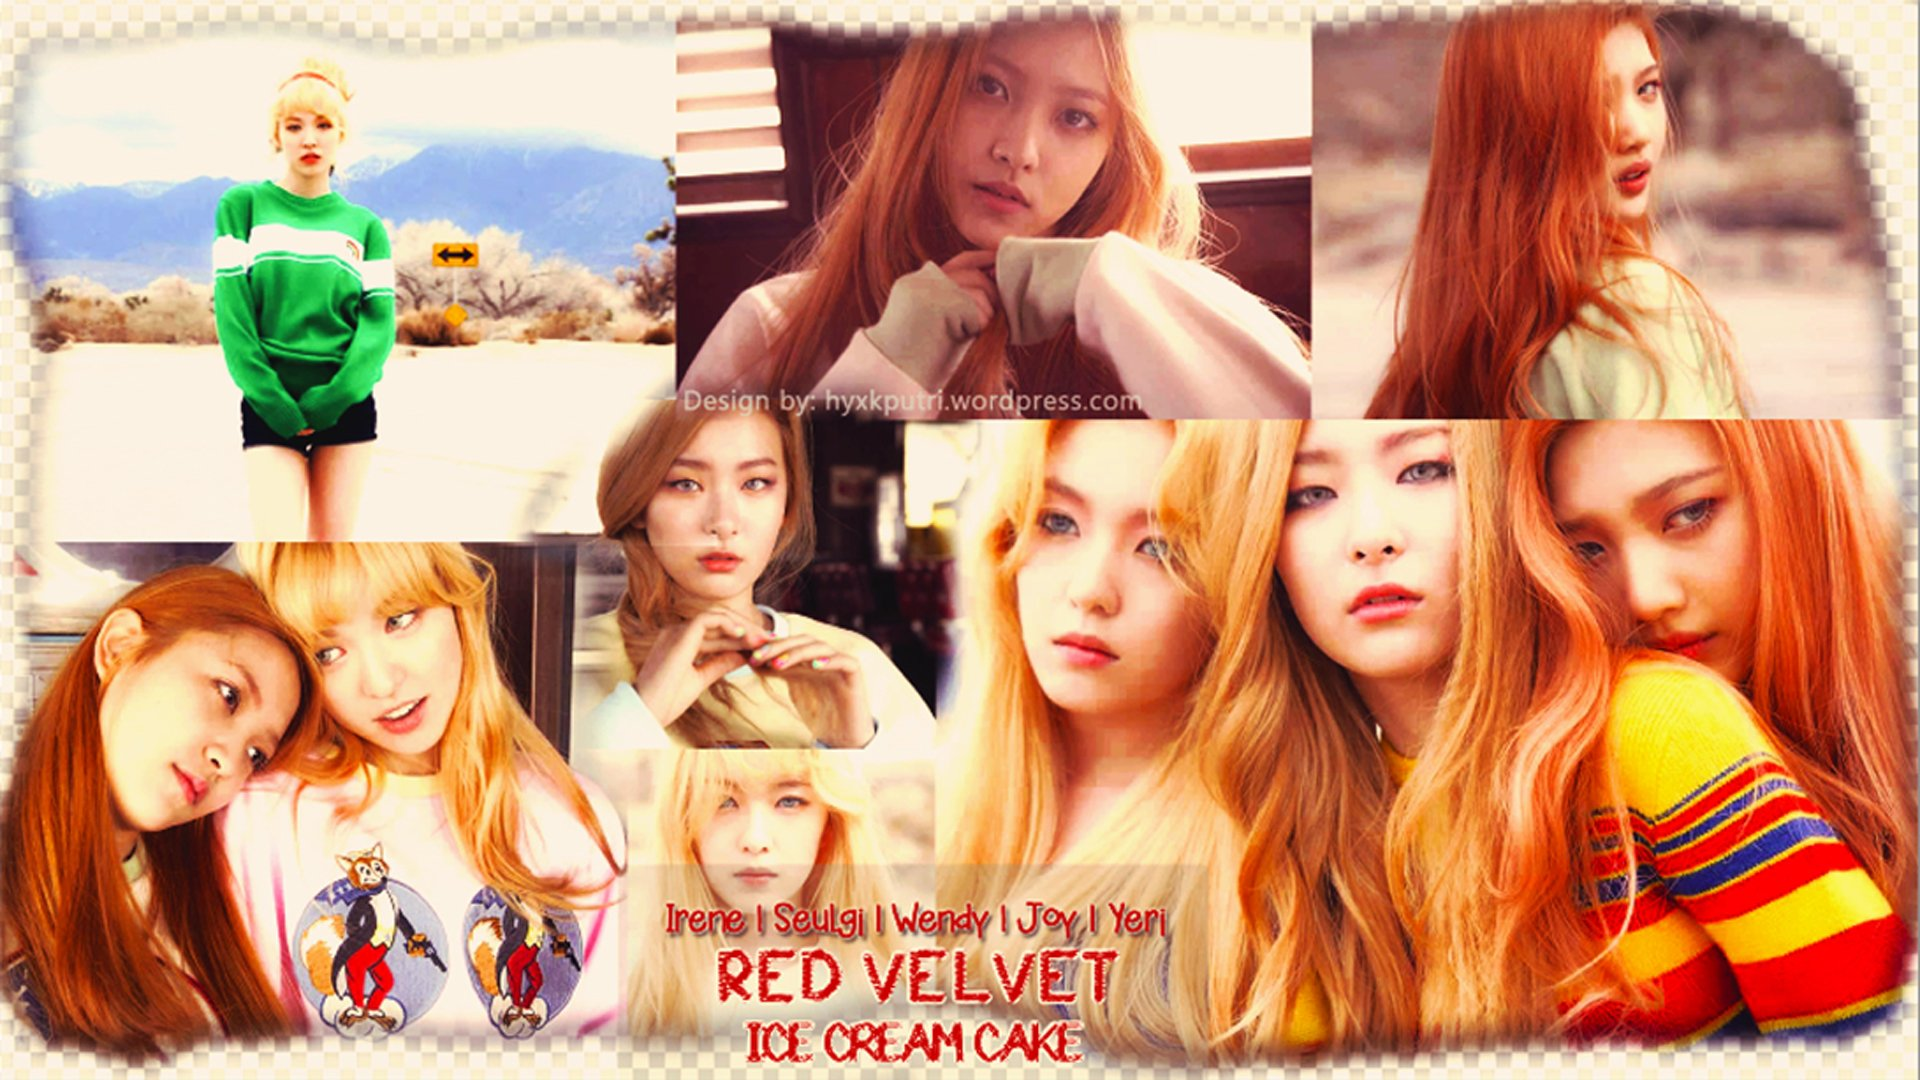 Red Velvet Kpop Hd Wallpaper Red Velvet Images Red Velvet Kpop Hd